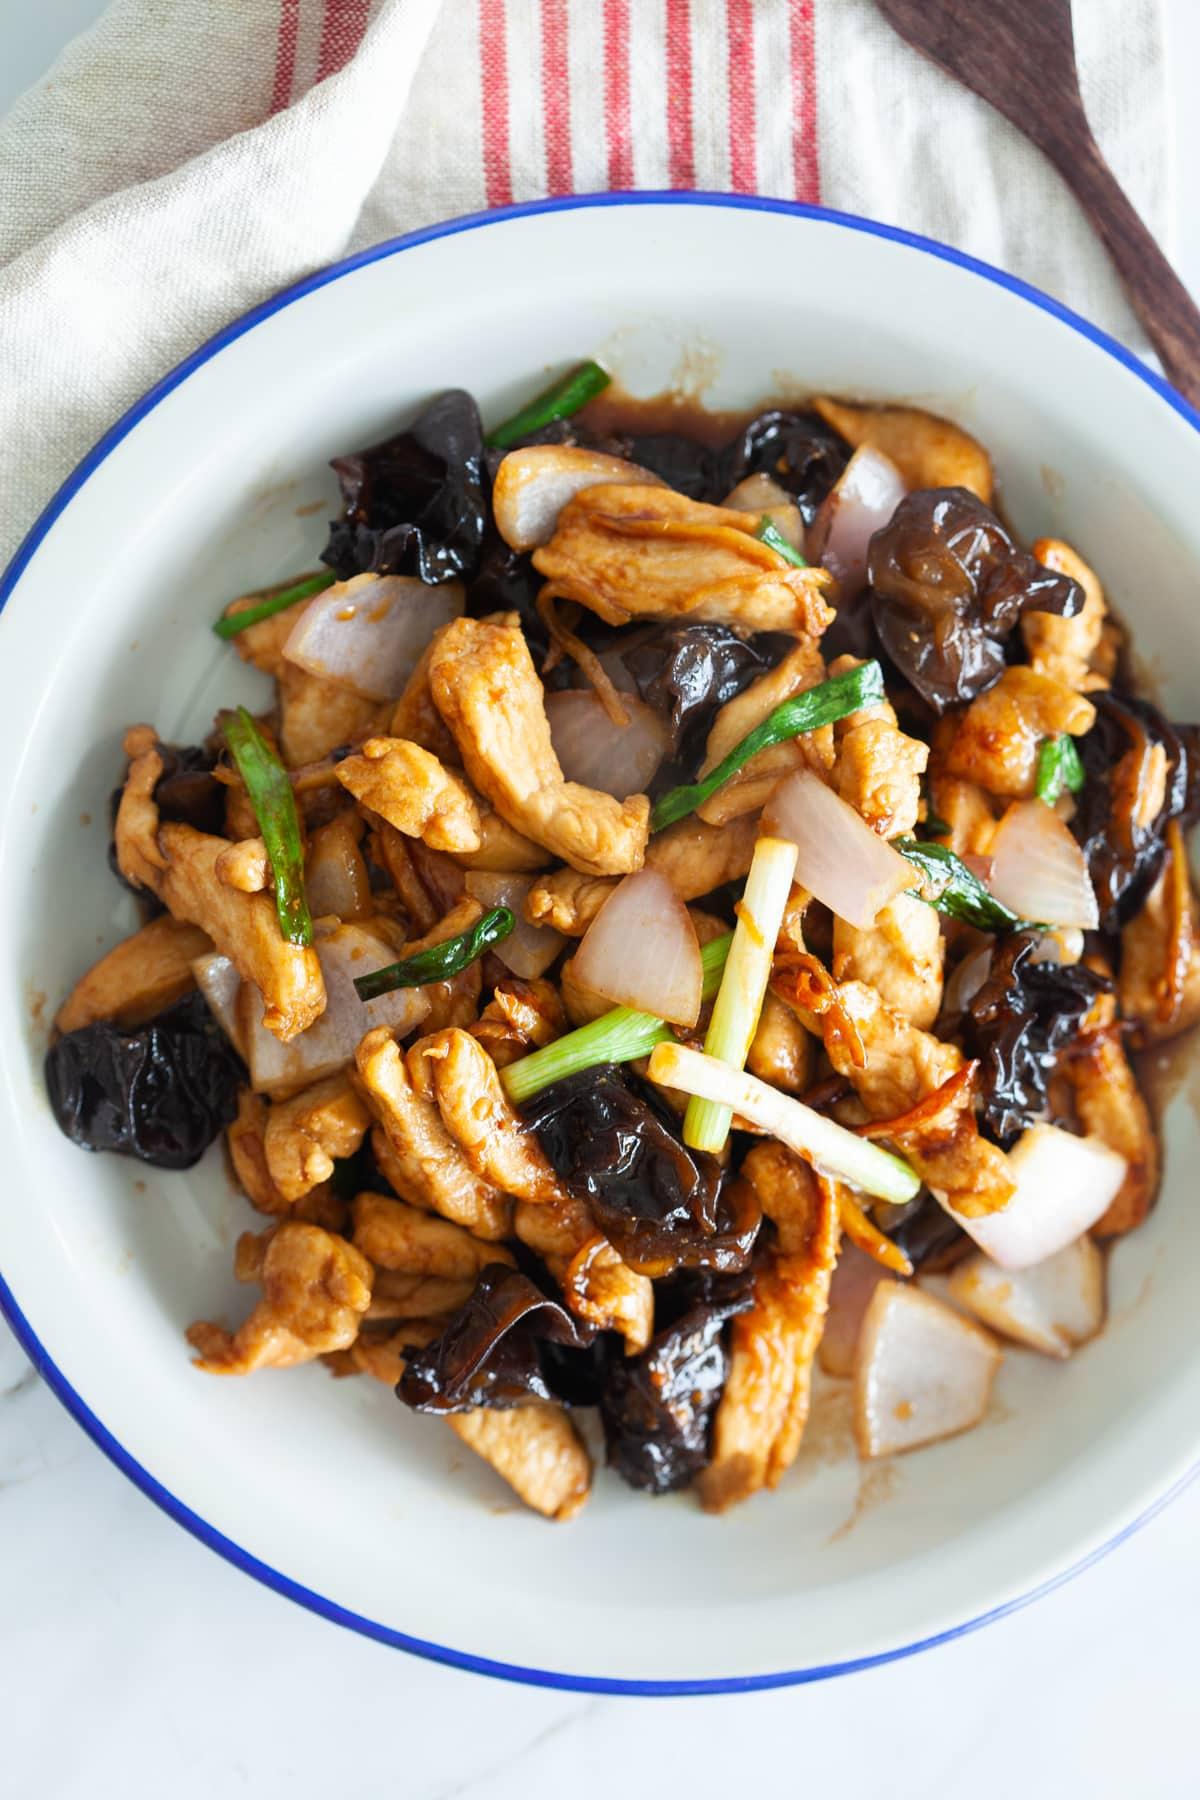 poulet au gingembre et aux champignons noirs.